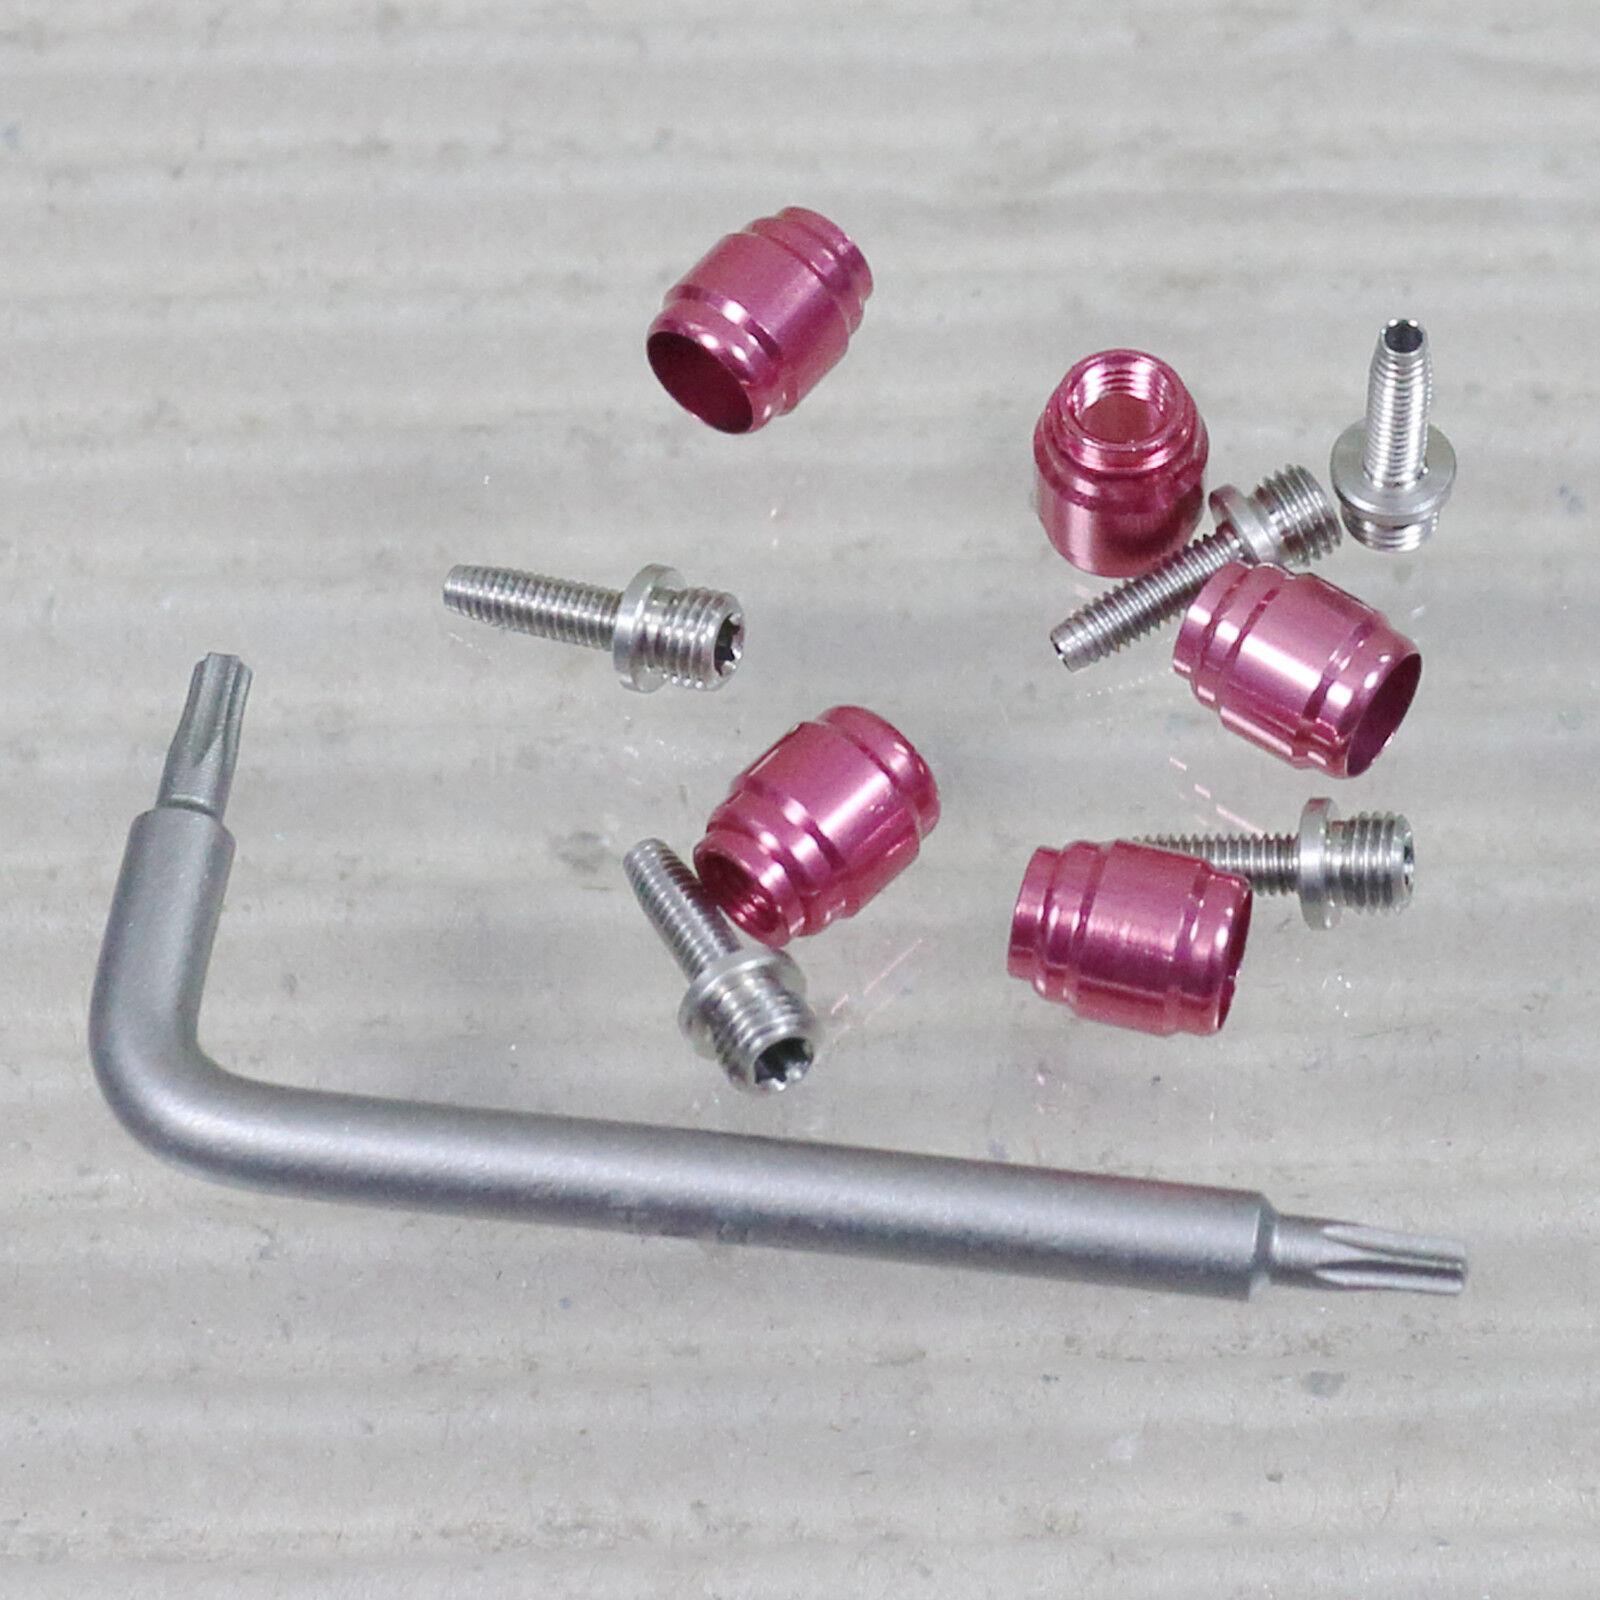 SRAM Leitungsring Kit mit Olive und Insertpin Insertpin Insertpin für Scheibenbremse 11.5378.803.002 58c434